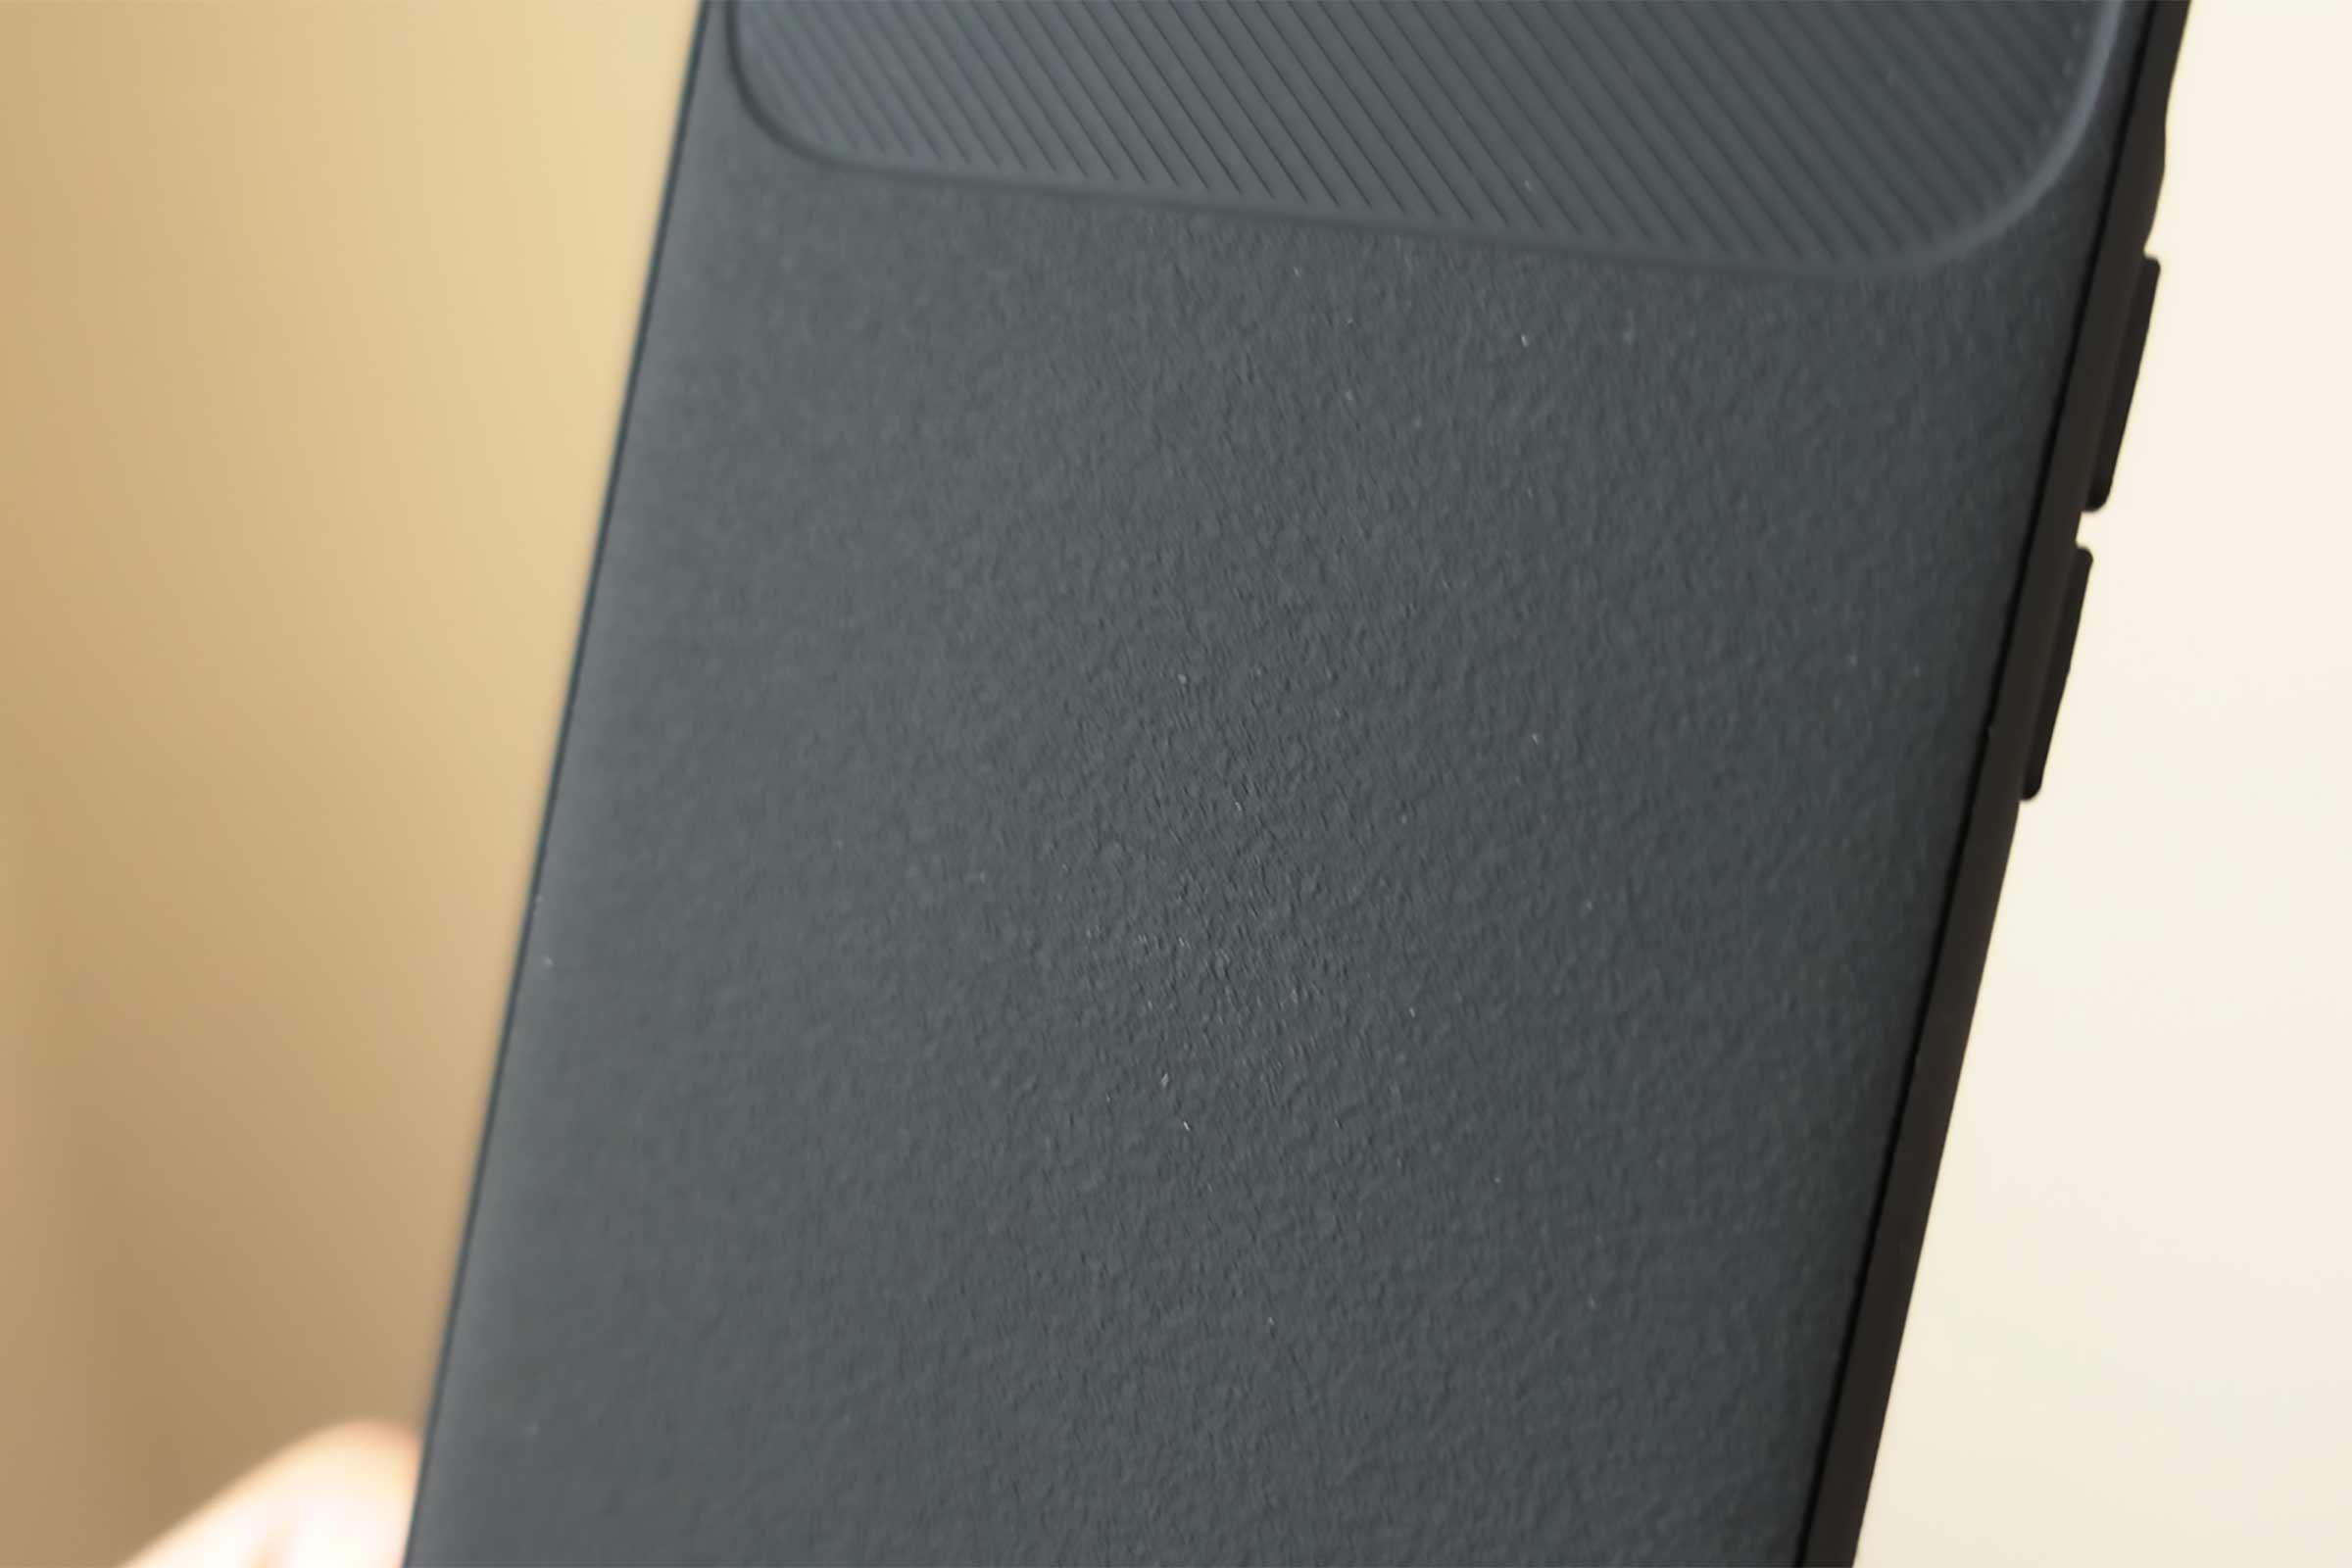 iPhoneケース,スマホケース,iPhone SE2,ヴォールト,黒,安い,コスパ,高級感